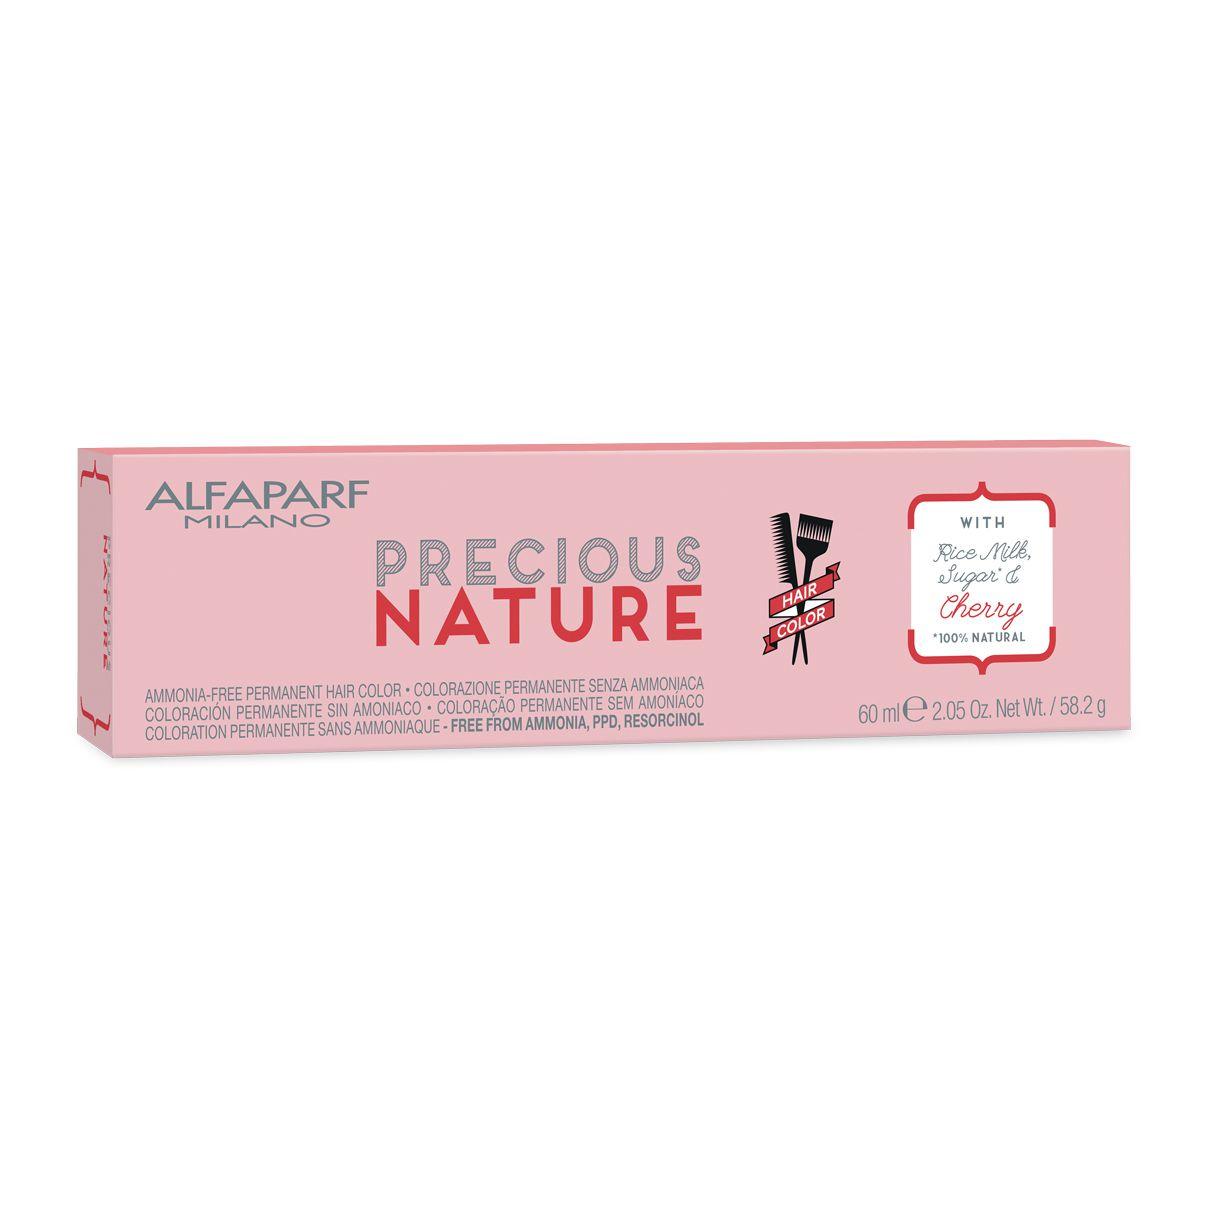 Alfaparf Milano Precious Nature Hair Color Creme de coloração 4.66 Castanho Médio Vermelho Intenso 60ml